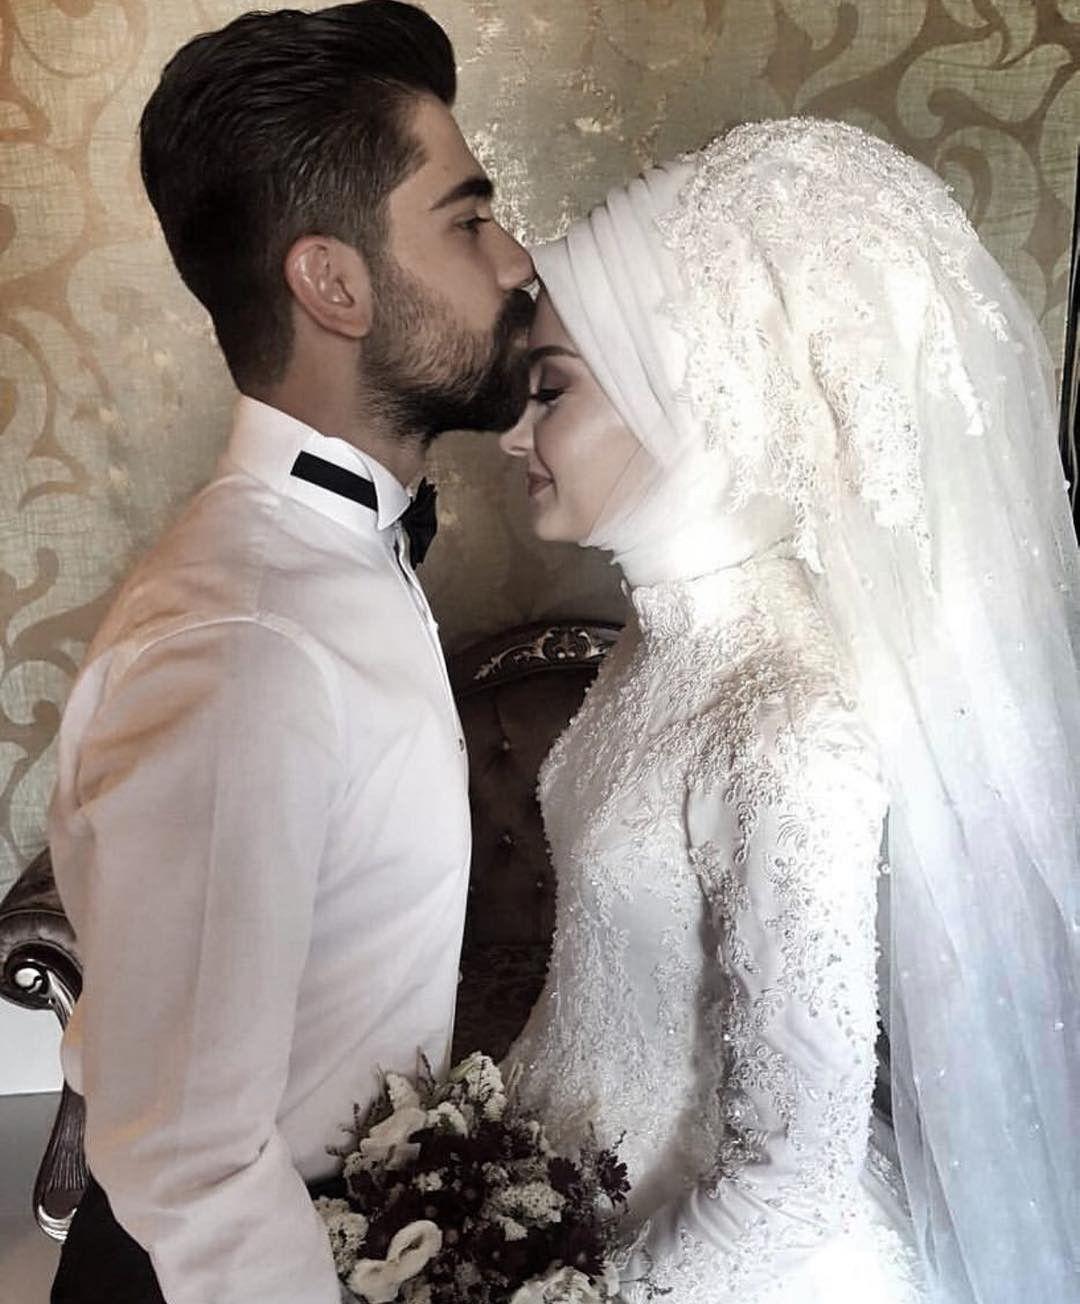 Pin von Betül Koyuncu auf gelinlik | Pinterest | Arabische Hochzeit ...